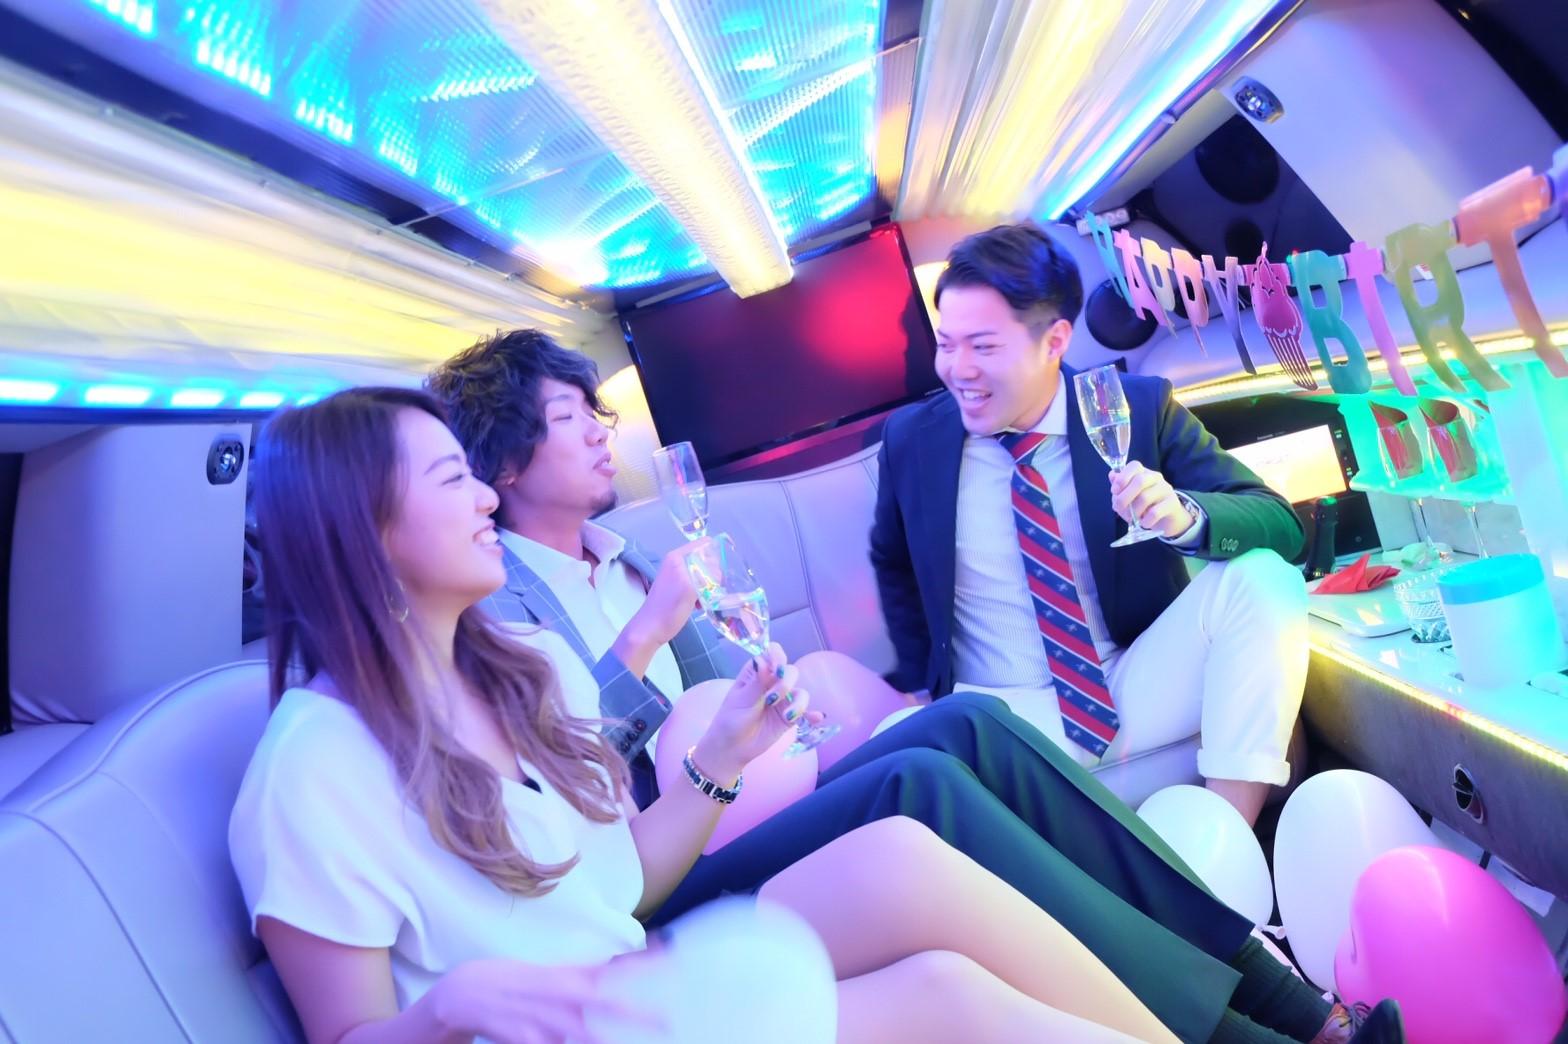 リムジンでパーティーが楽しめるリムジンパーティー東京 (8)